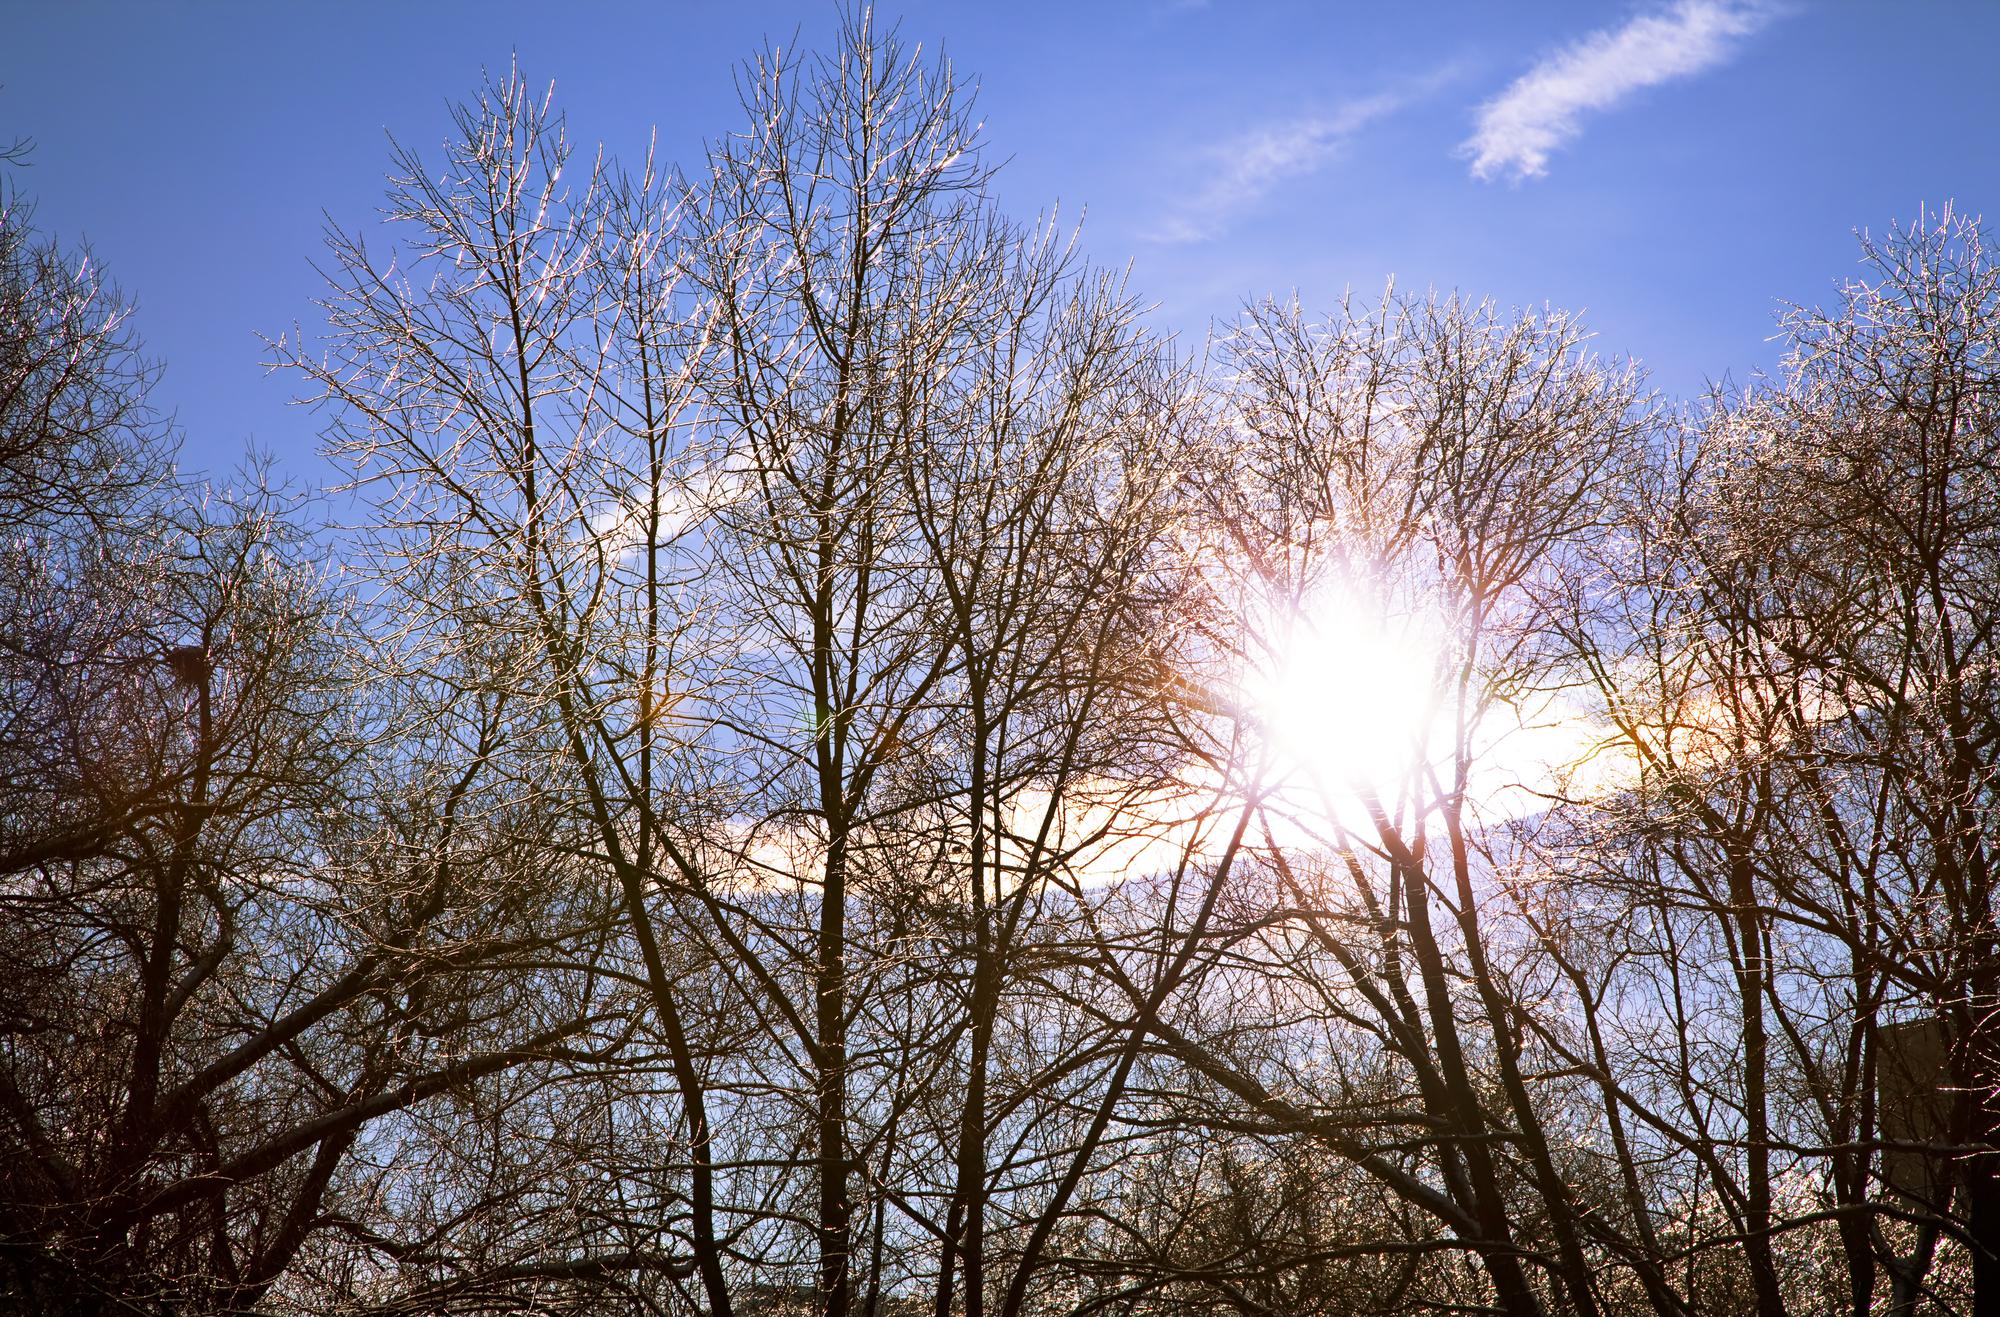 День зимнего солнцестояния в 2019 году: праздник, традиции, приметы